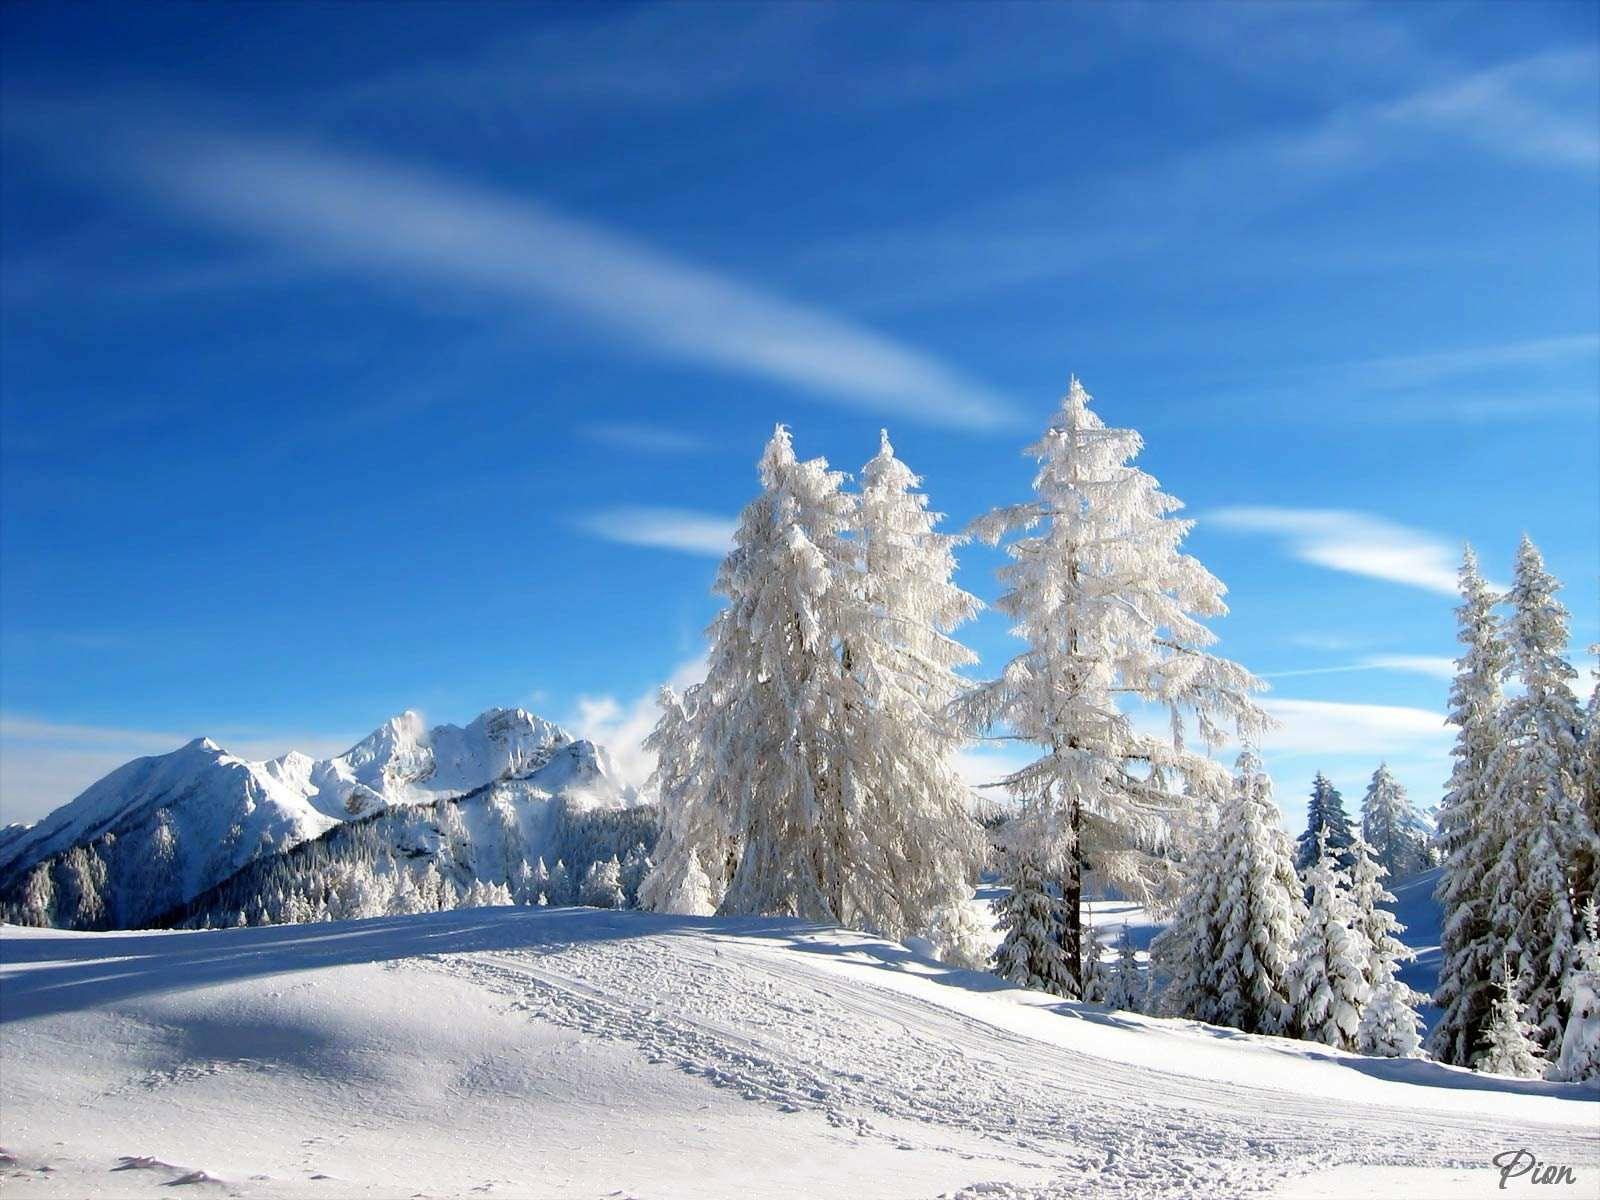 обои для рабочего стола пейзаж зимы № 618352 без смс